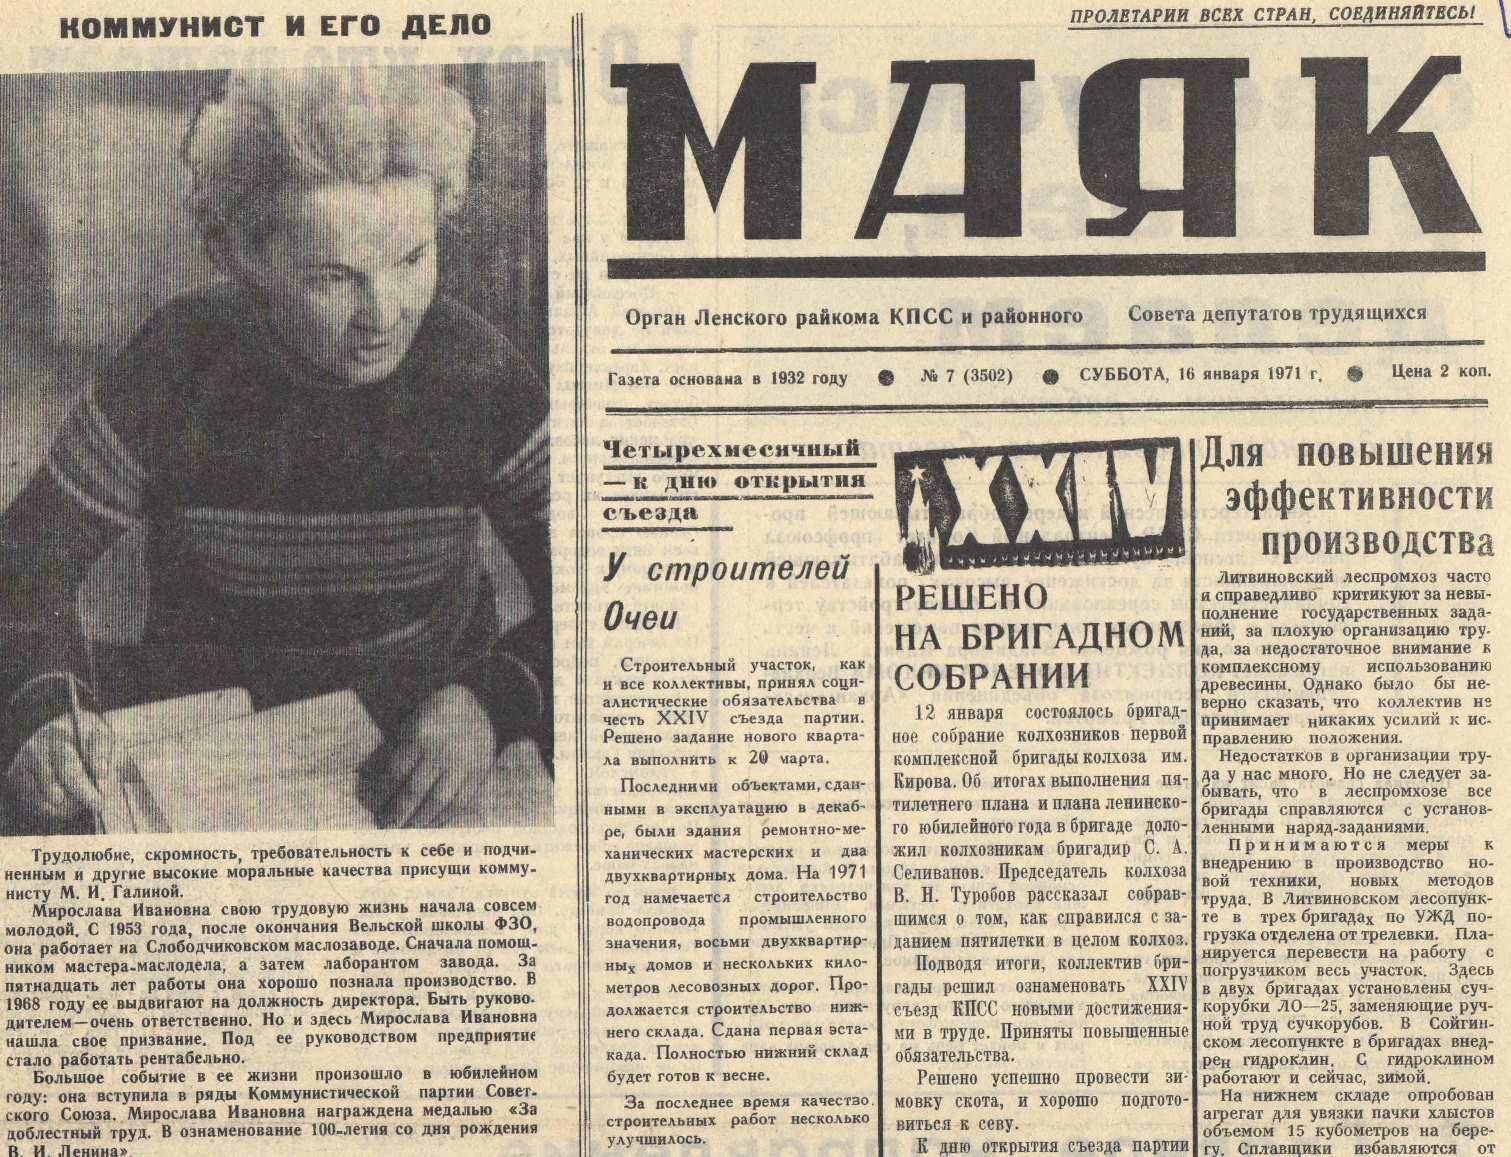 Маяк 16.01.1971 Урдомский поссовет. Почетная грамота (1)